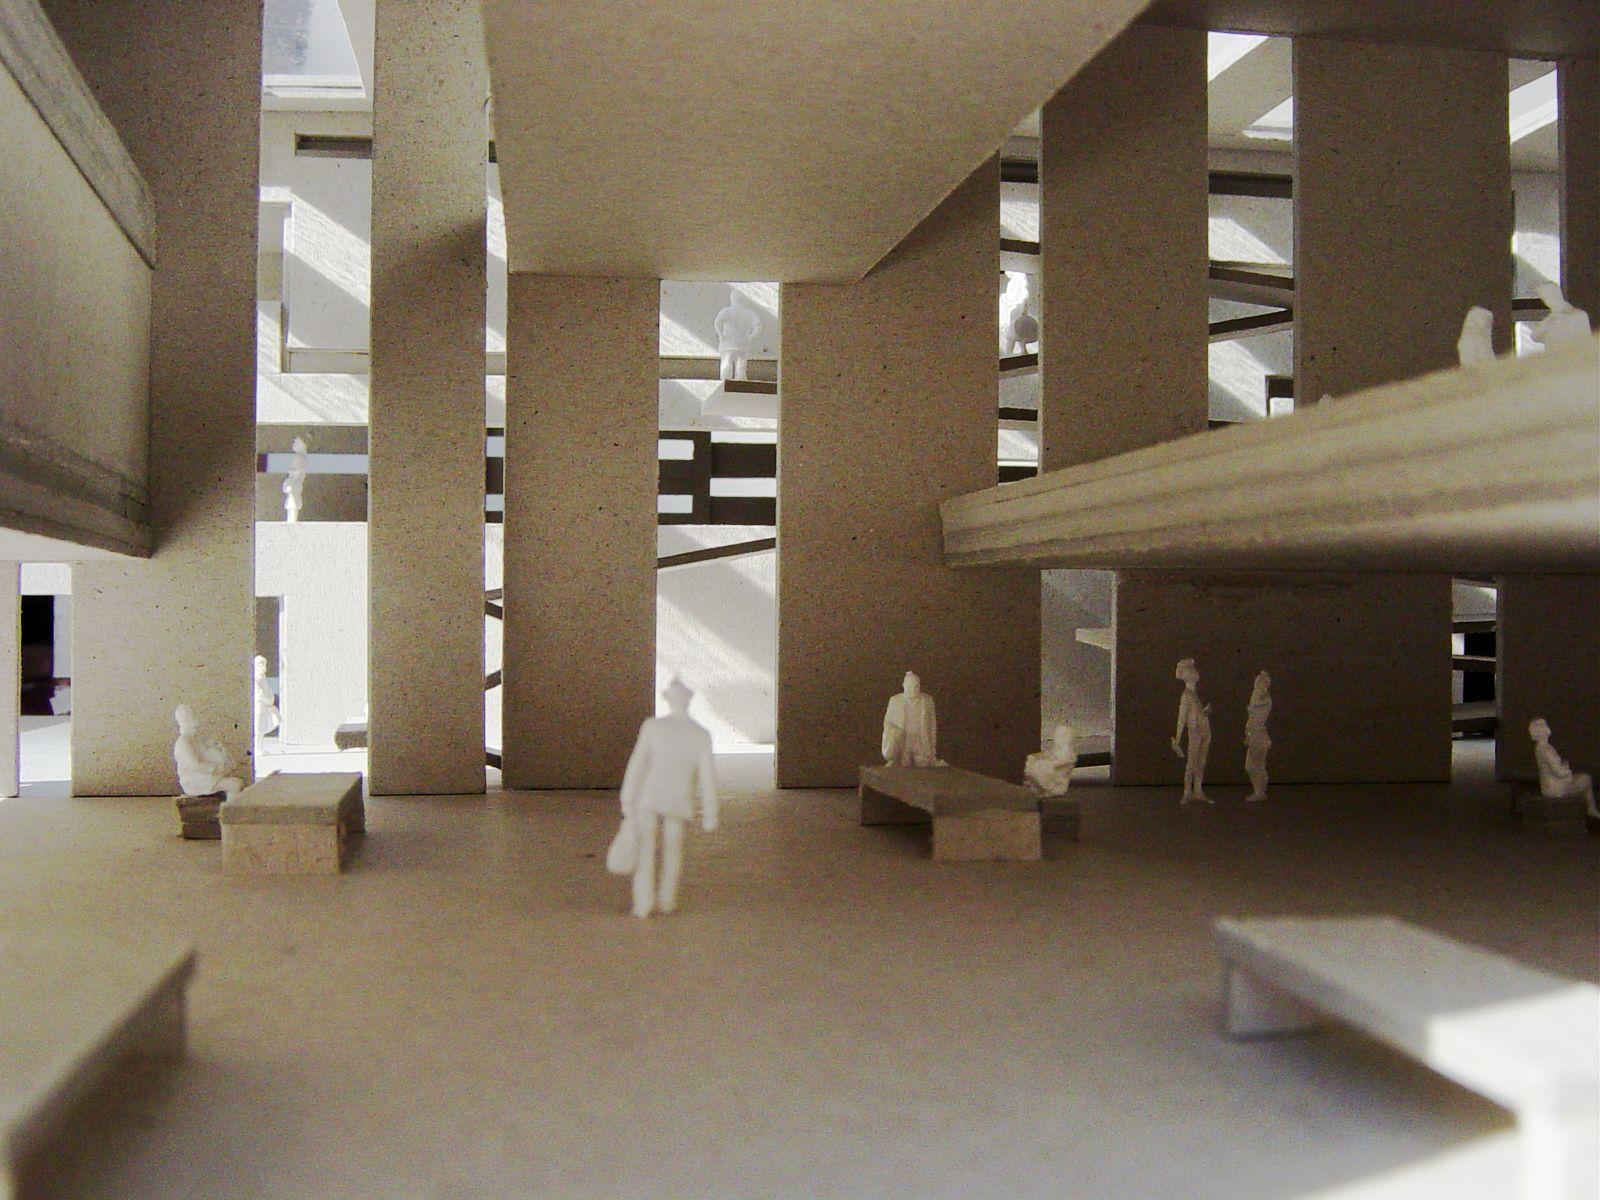 Biblioteca de las Islas Baleares en Palma de Mallorca. autores C2 ...